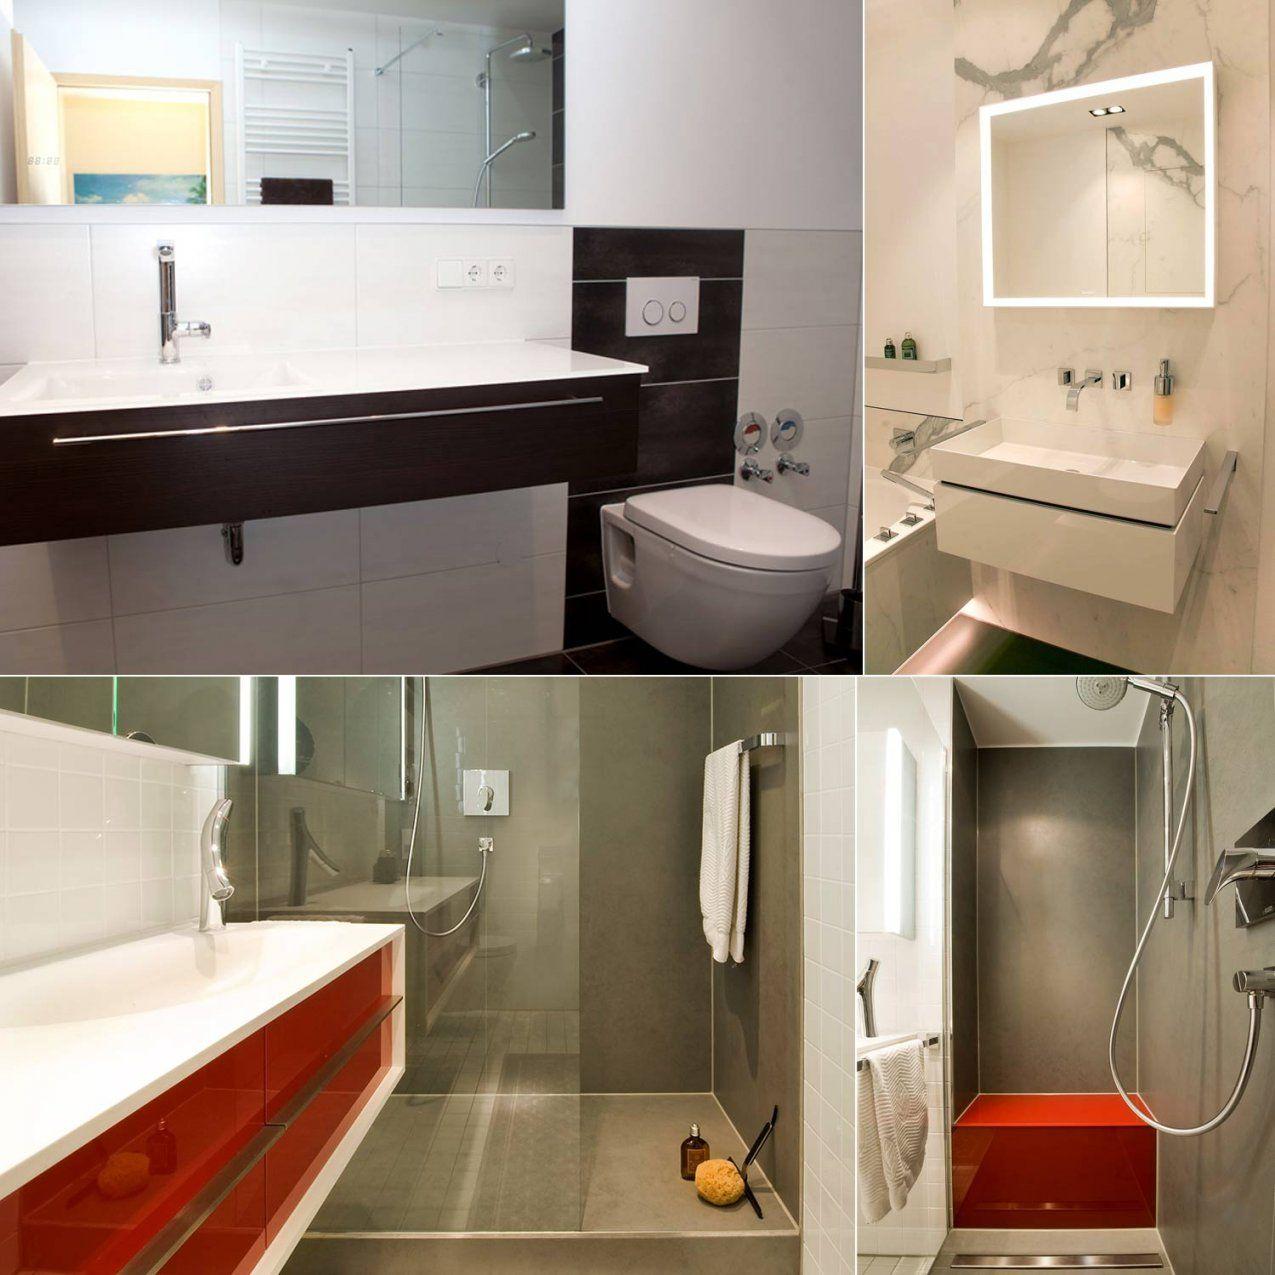 Bad ohne fenster gestalten haus design ideen - Bad ohne fenster ...